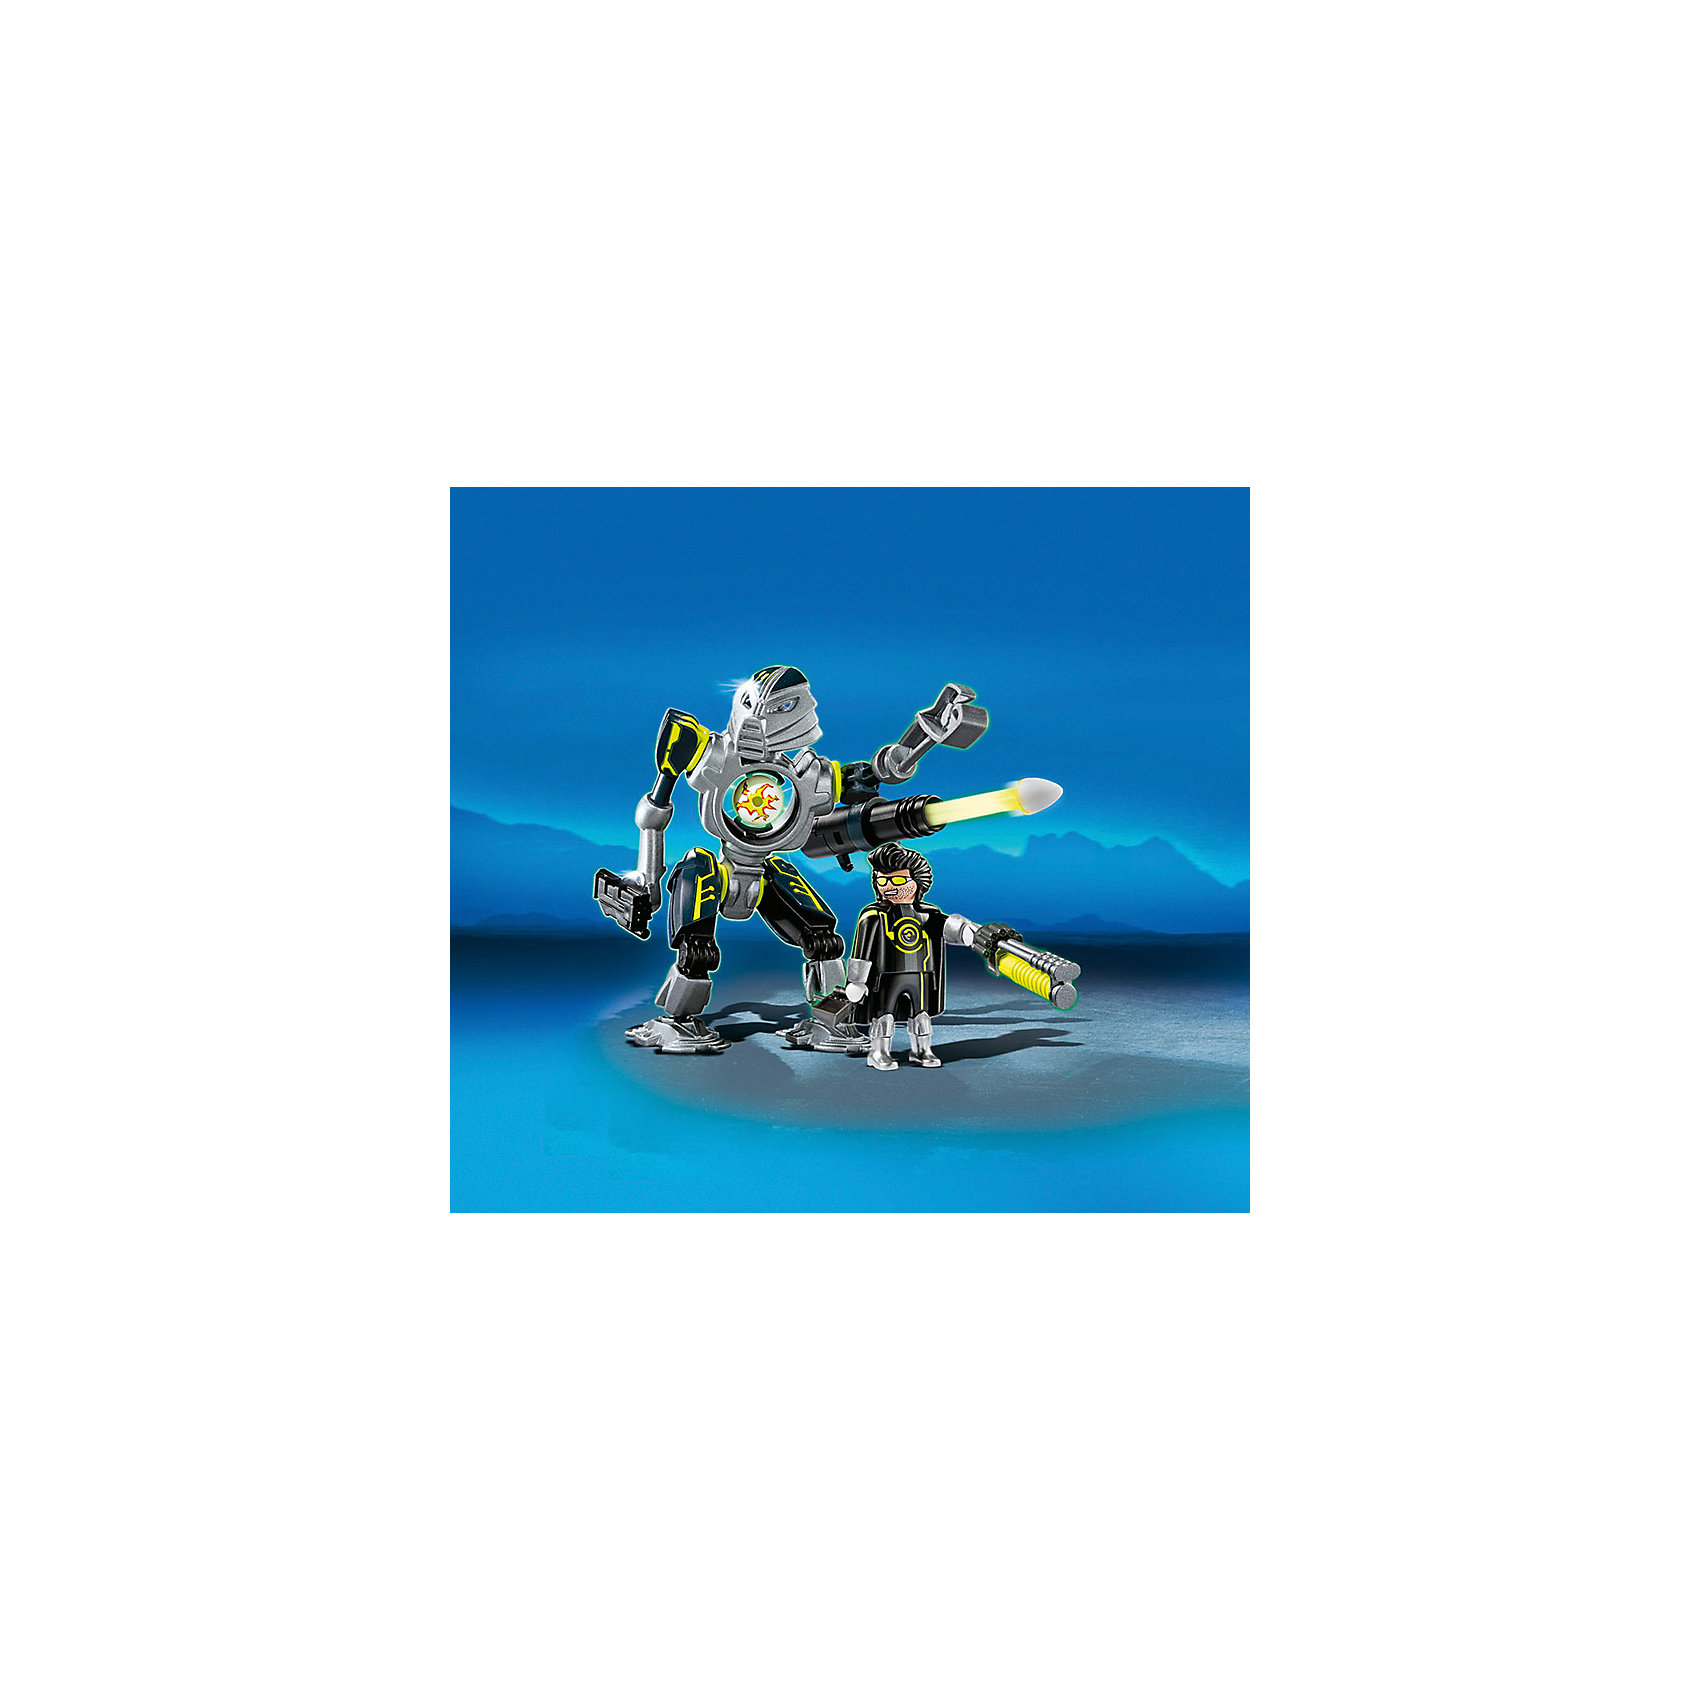 PLAYMOBIL® PLAYMOBIL 5289 Секретный агент: Мега робот с бластером playmobil мальчики с гоночным мотоциклом